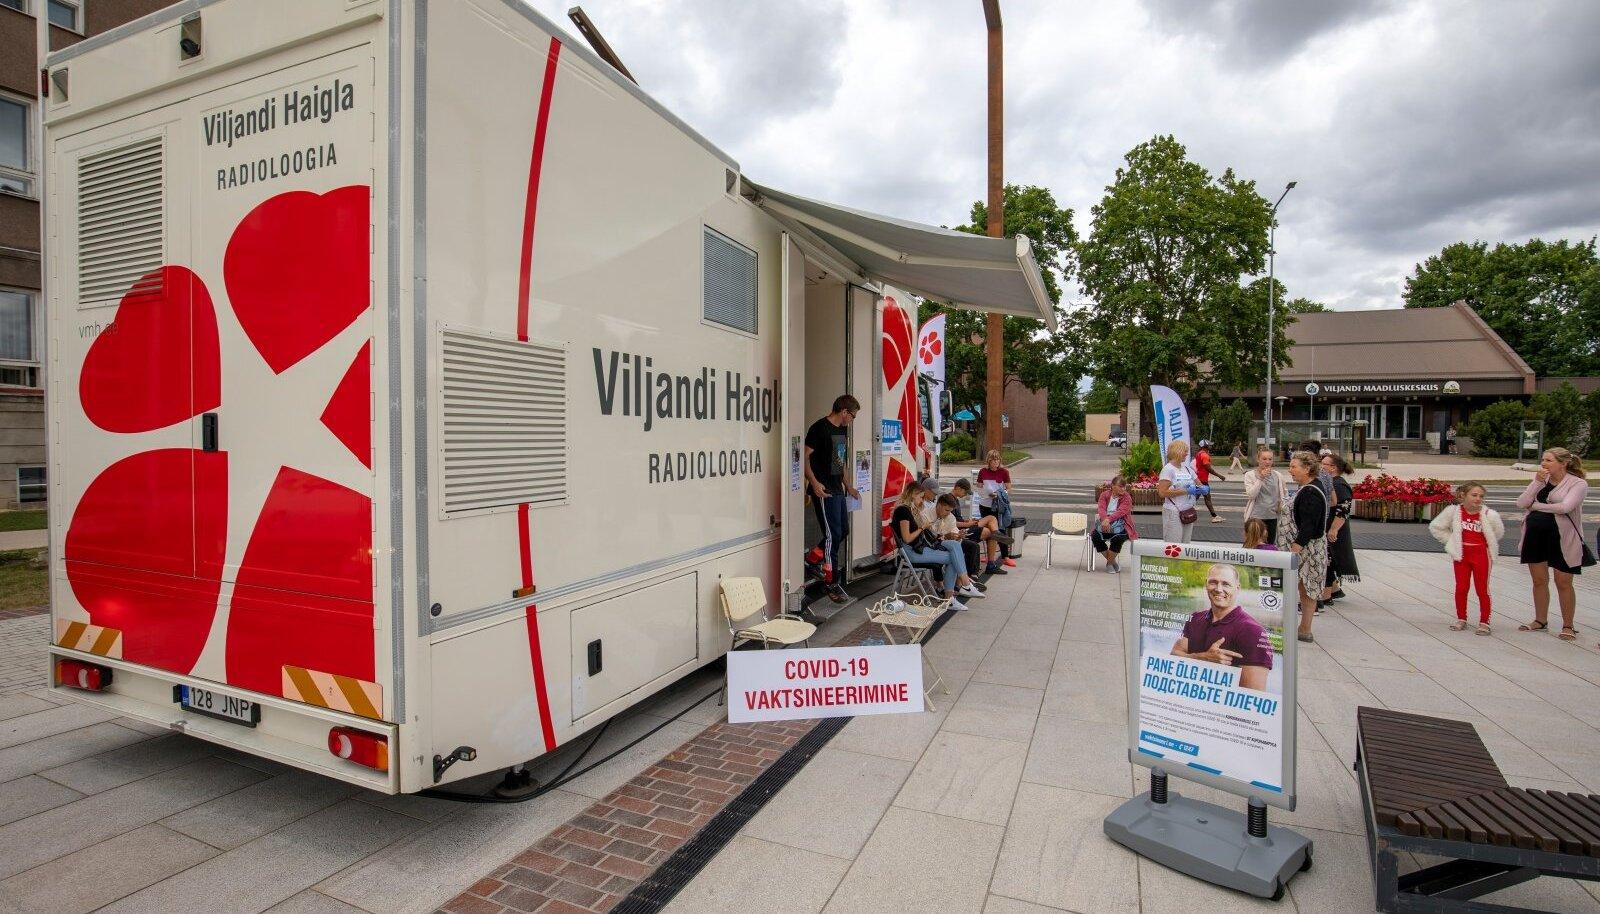 Viljandi haigla vaktsineerimisbuss Viljandis